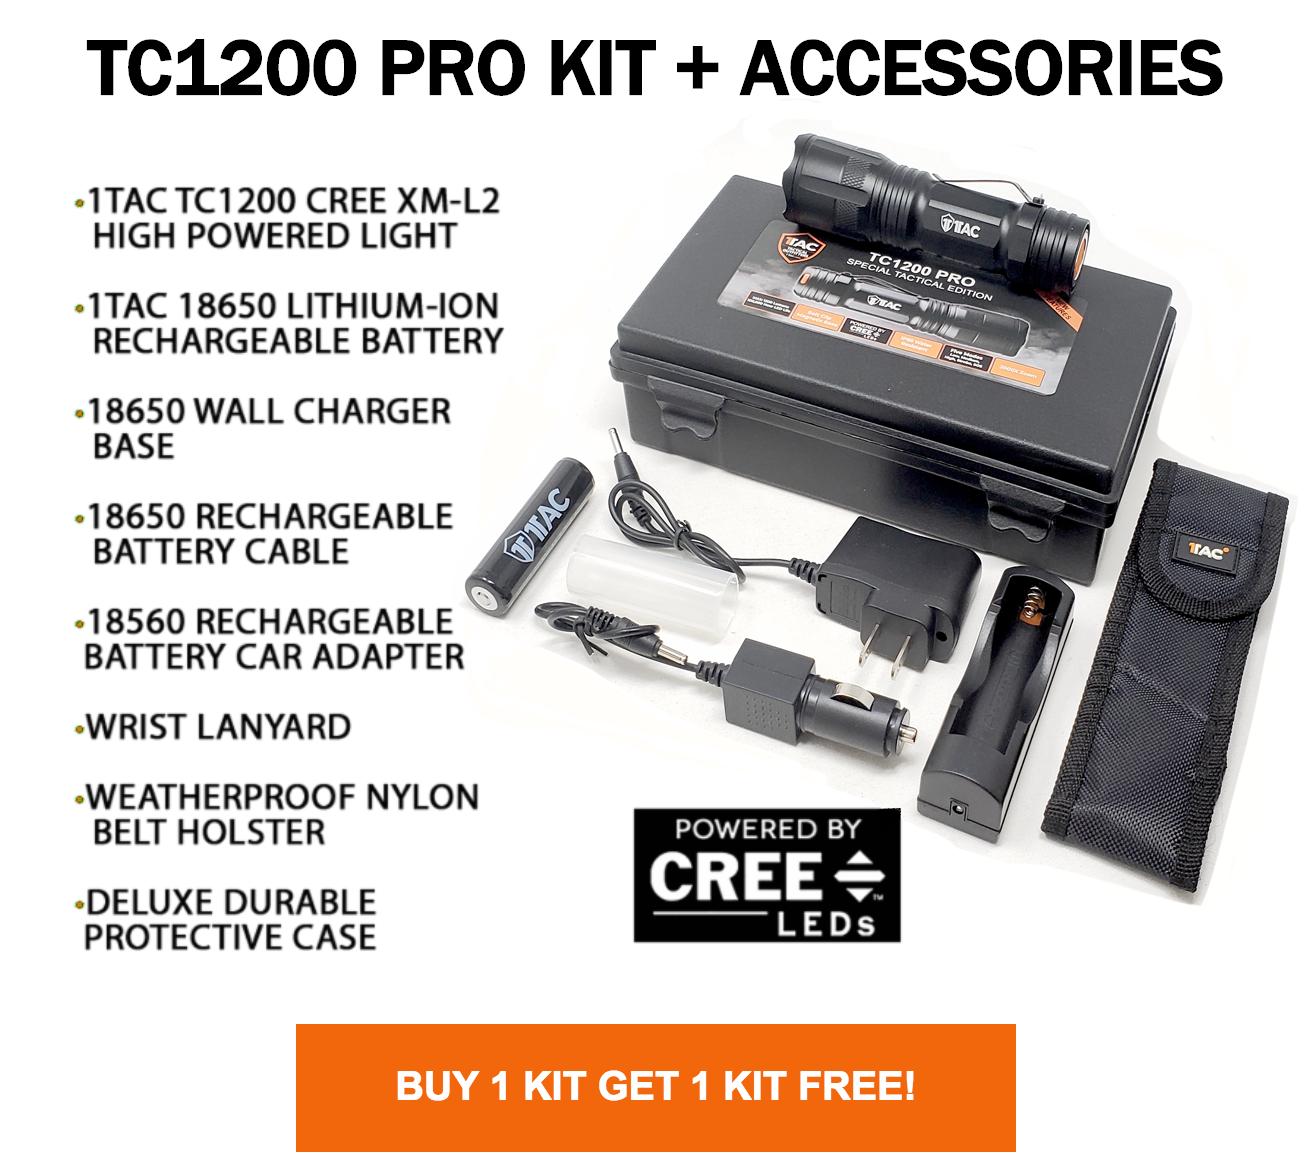 TC1200 PRO KIT